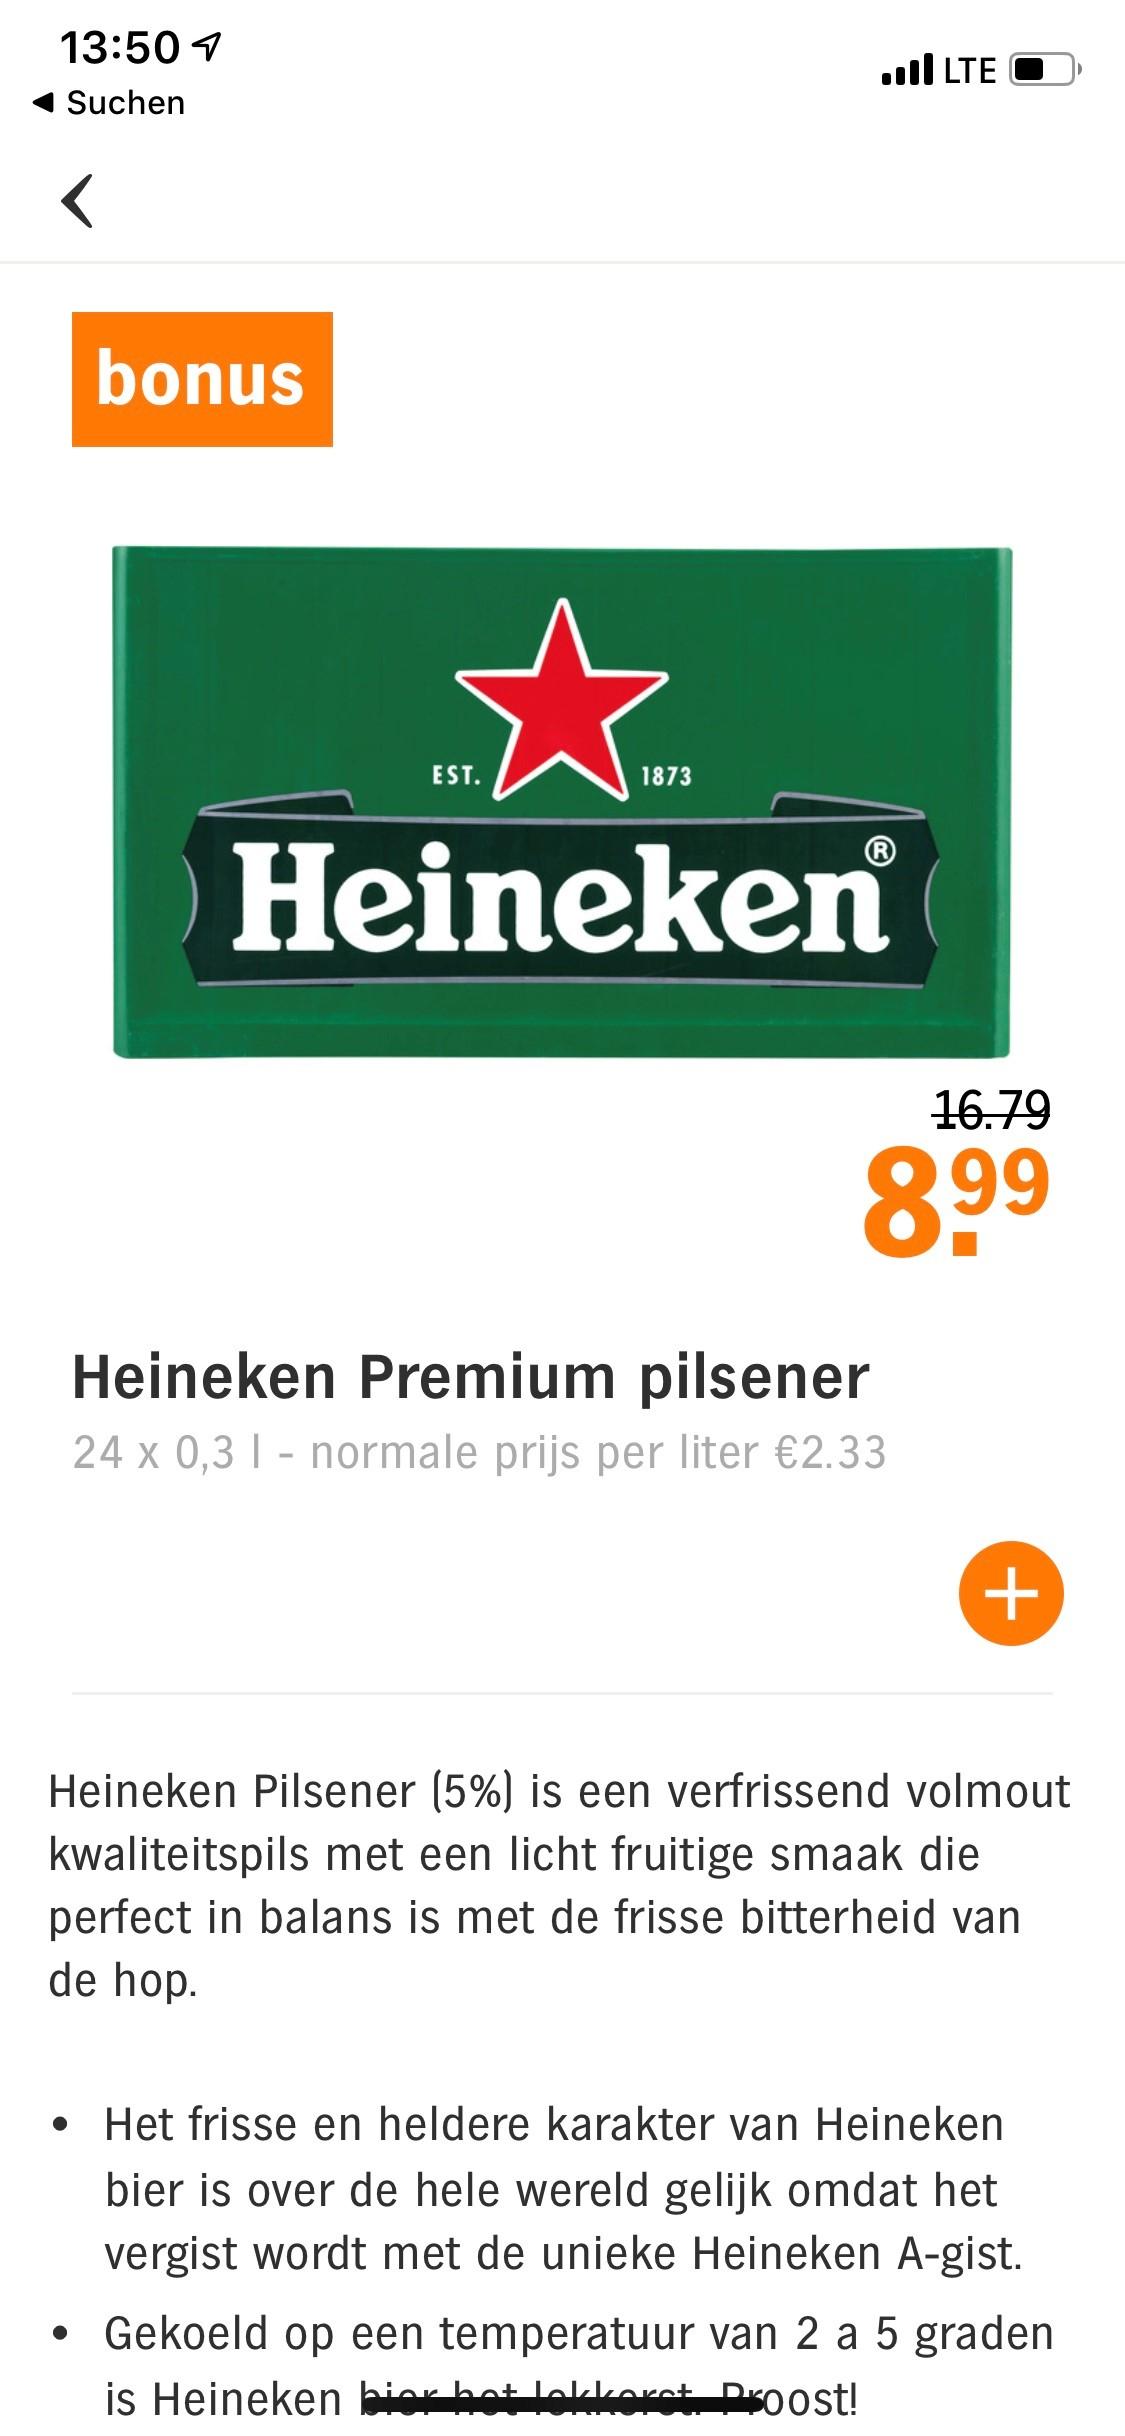 GRENZGÄNGER NL ] AlbertHeijn - 1 Kiste 24x0,3L Heineken 8,99 + Pfand 3,90